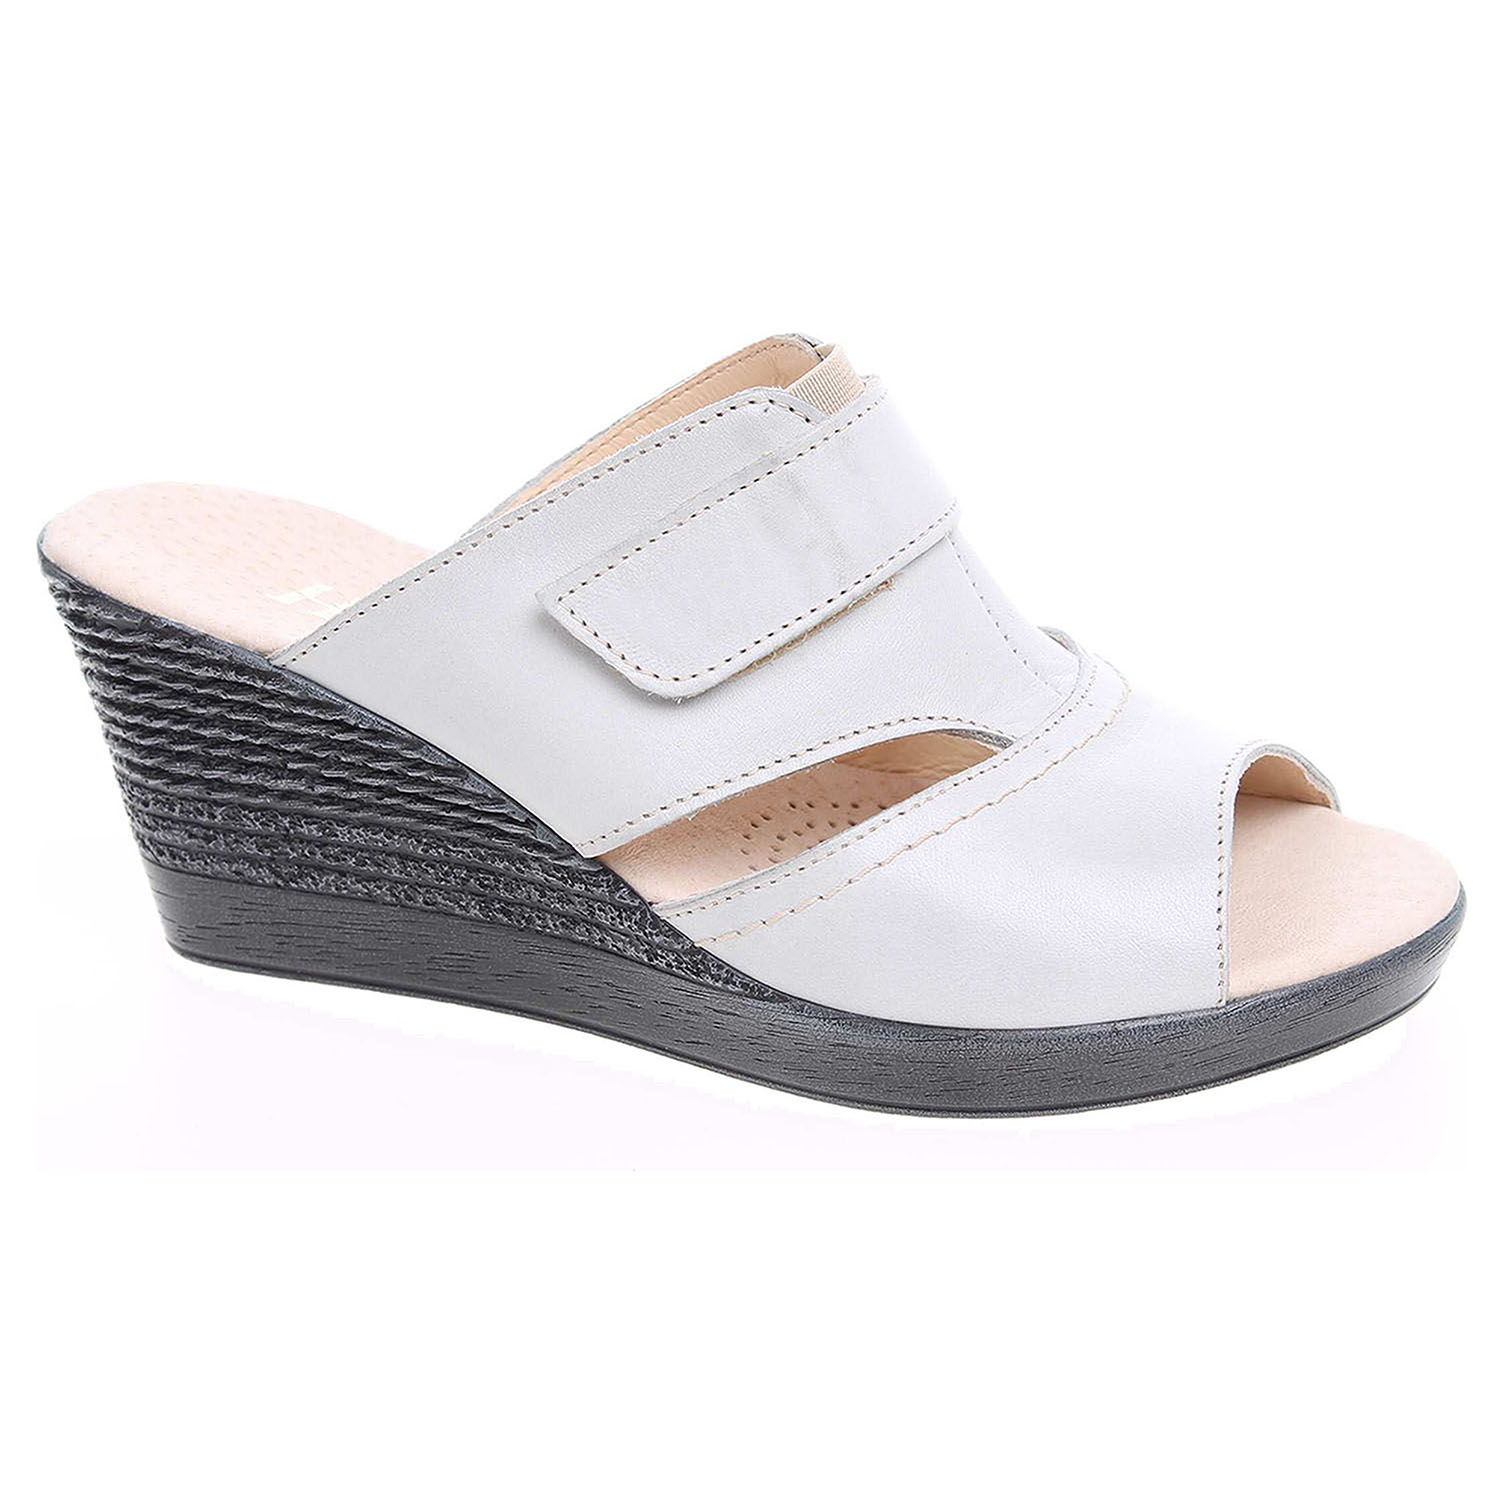 Ecco Dámské pantofle J 3436 šedé 23600738